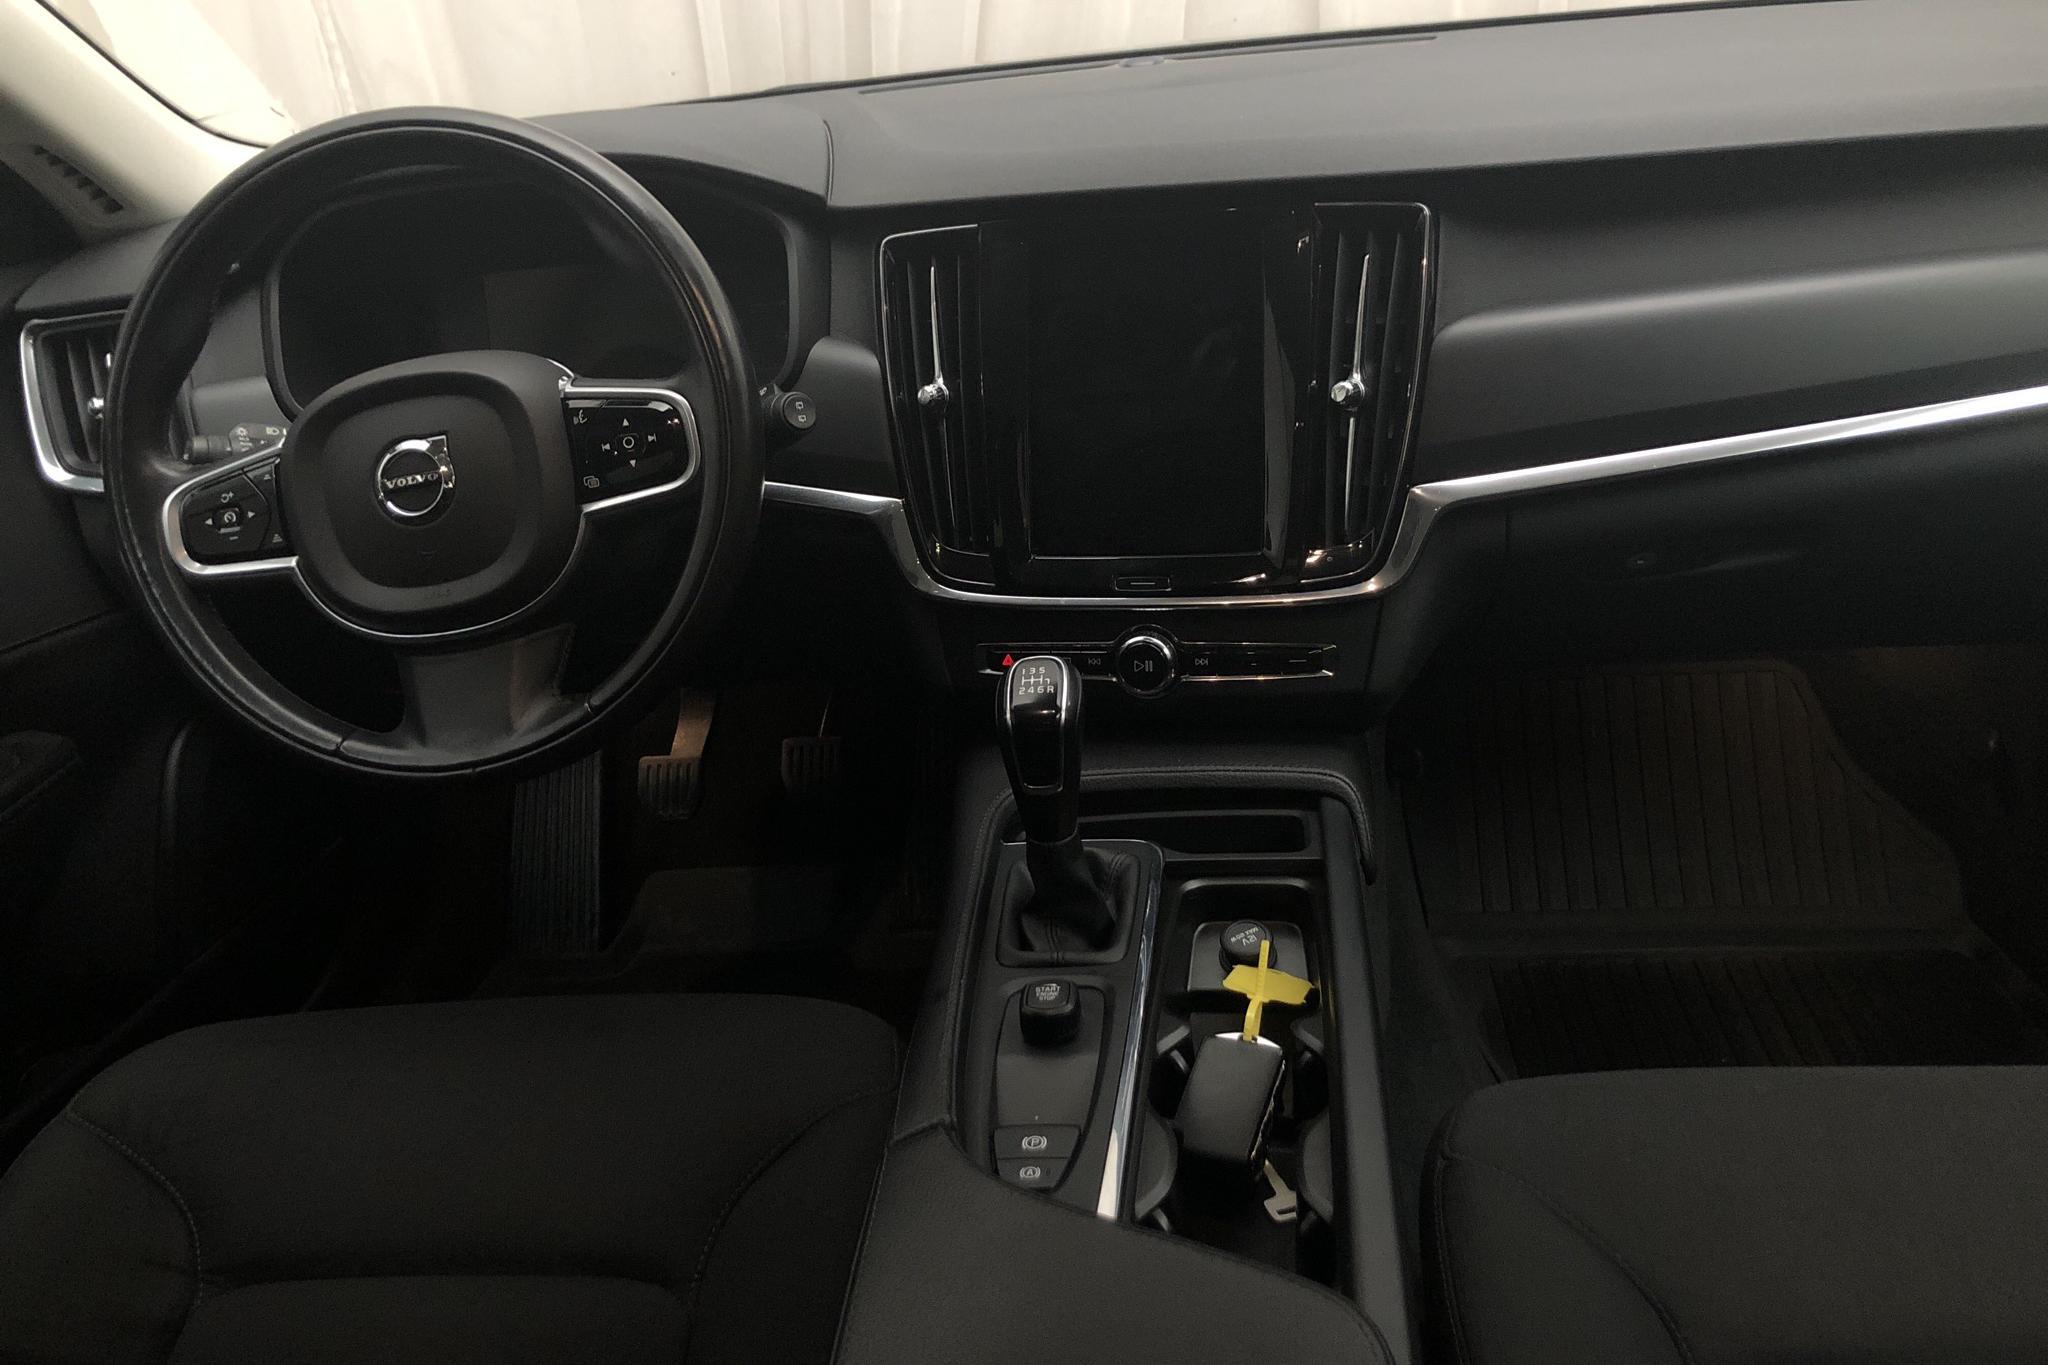 Volvo V90 D3 (150hk) - 126 860 km - Manual - black - 2018